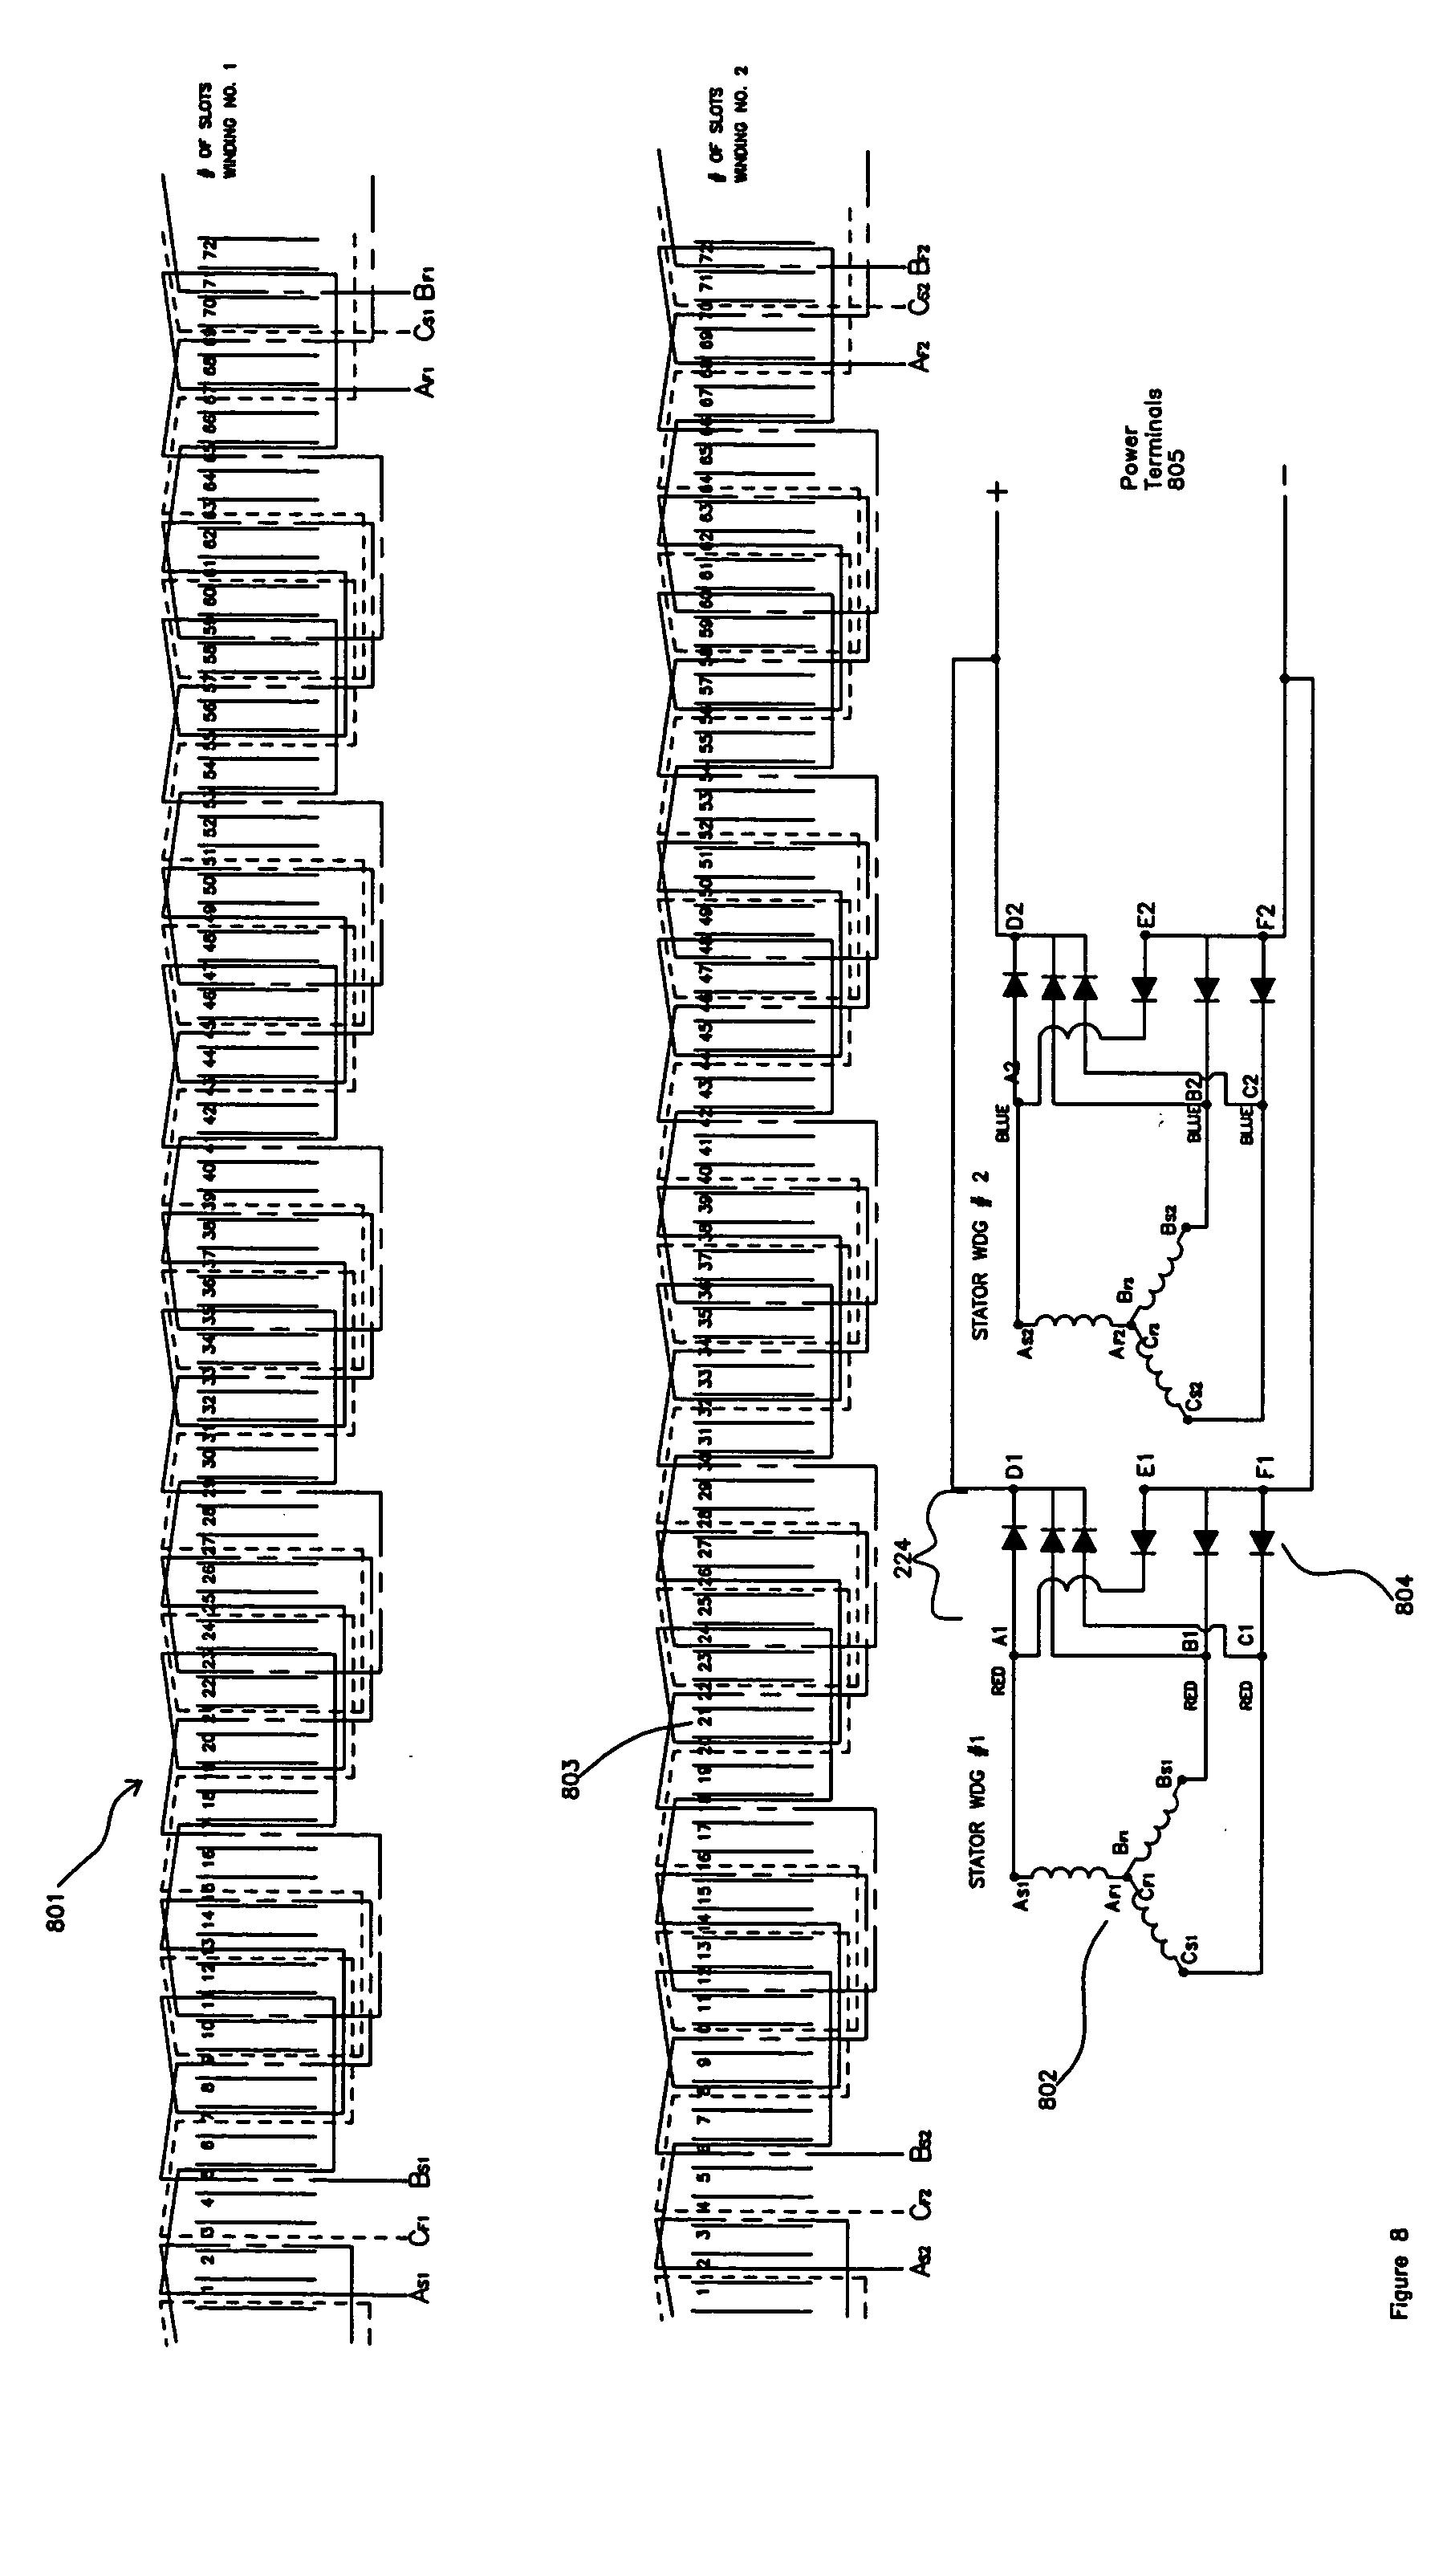 l48 engine diagram